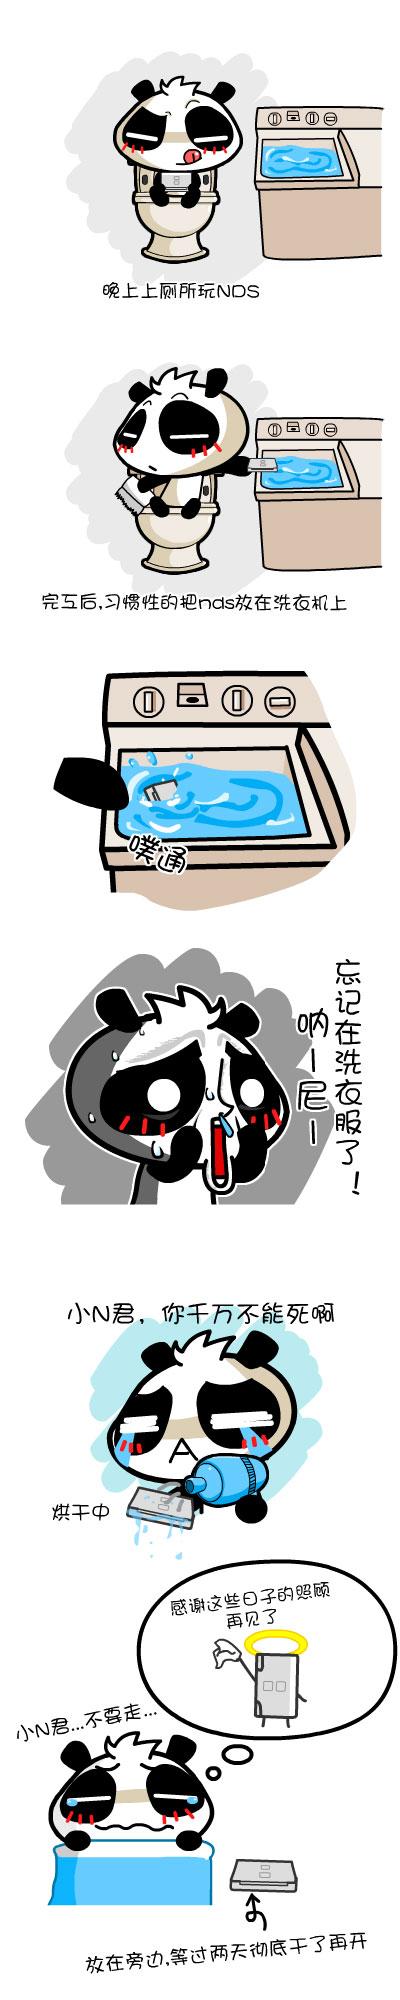 祈祷,小N君 - 林无知 - nonopanda的博客